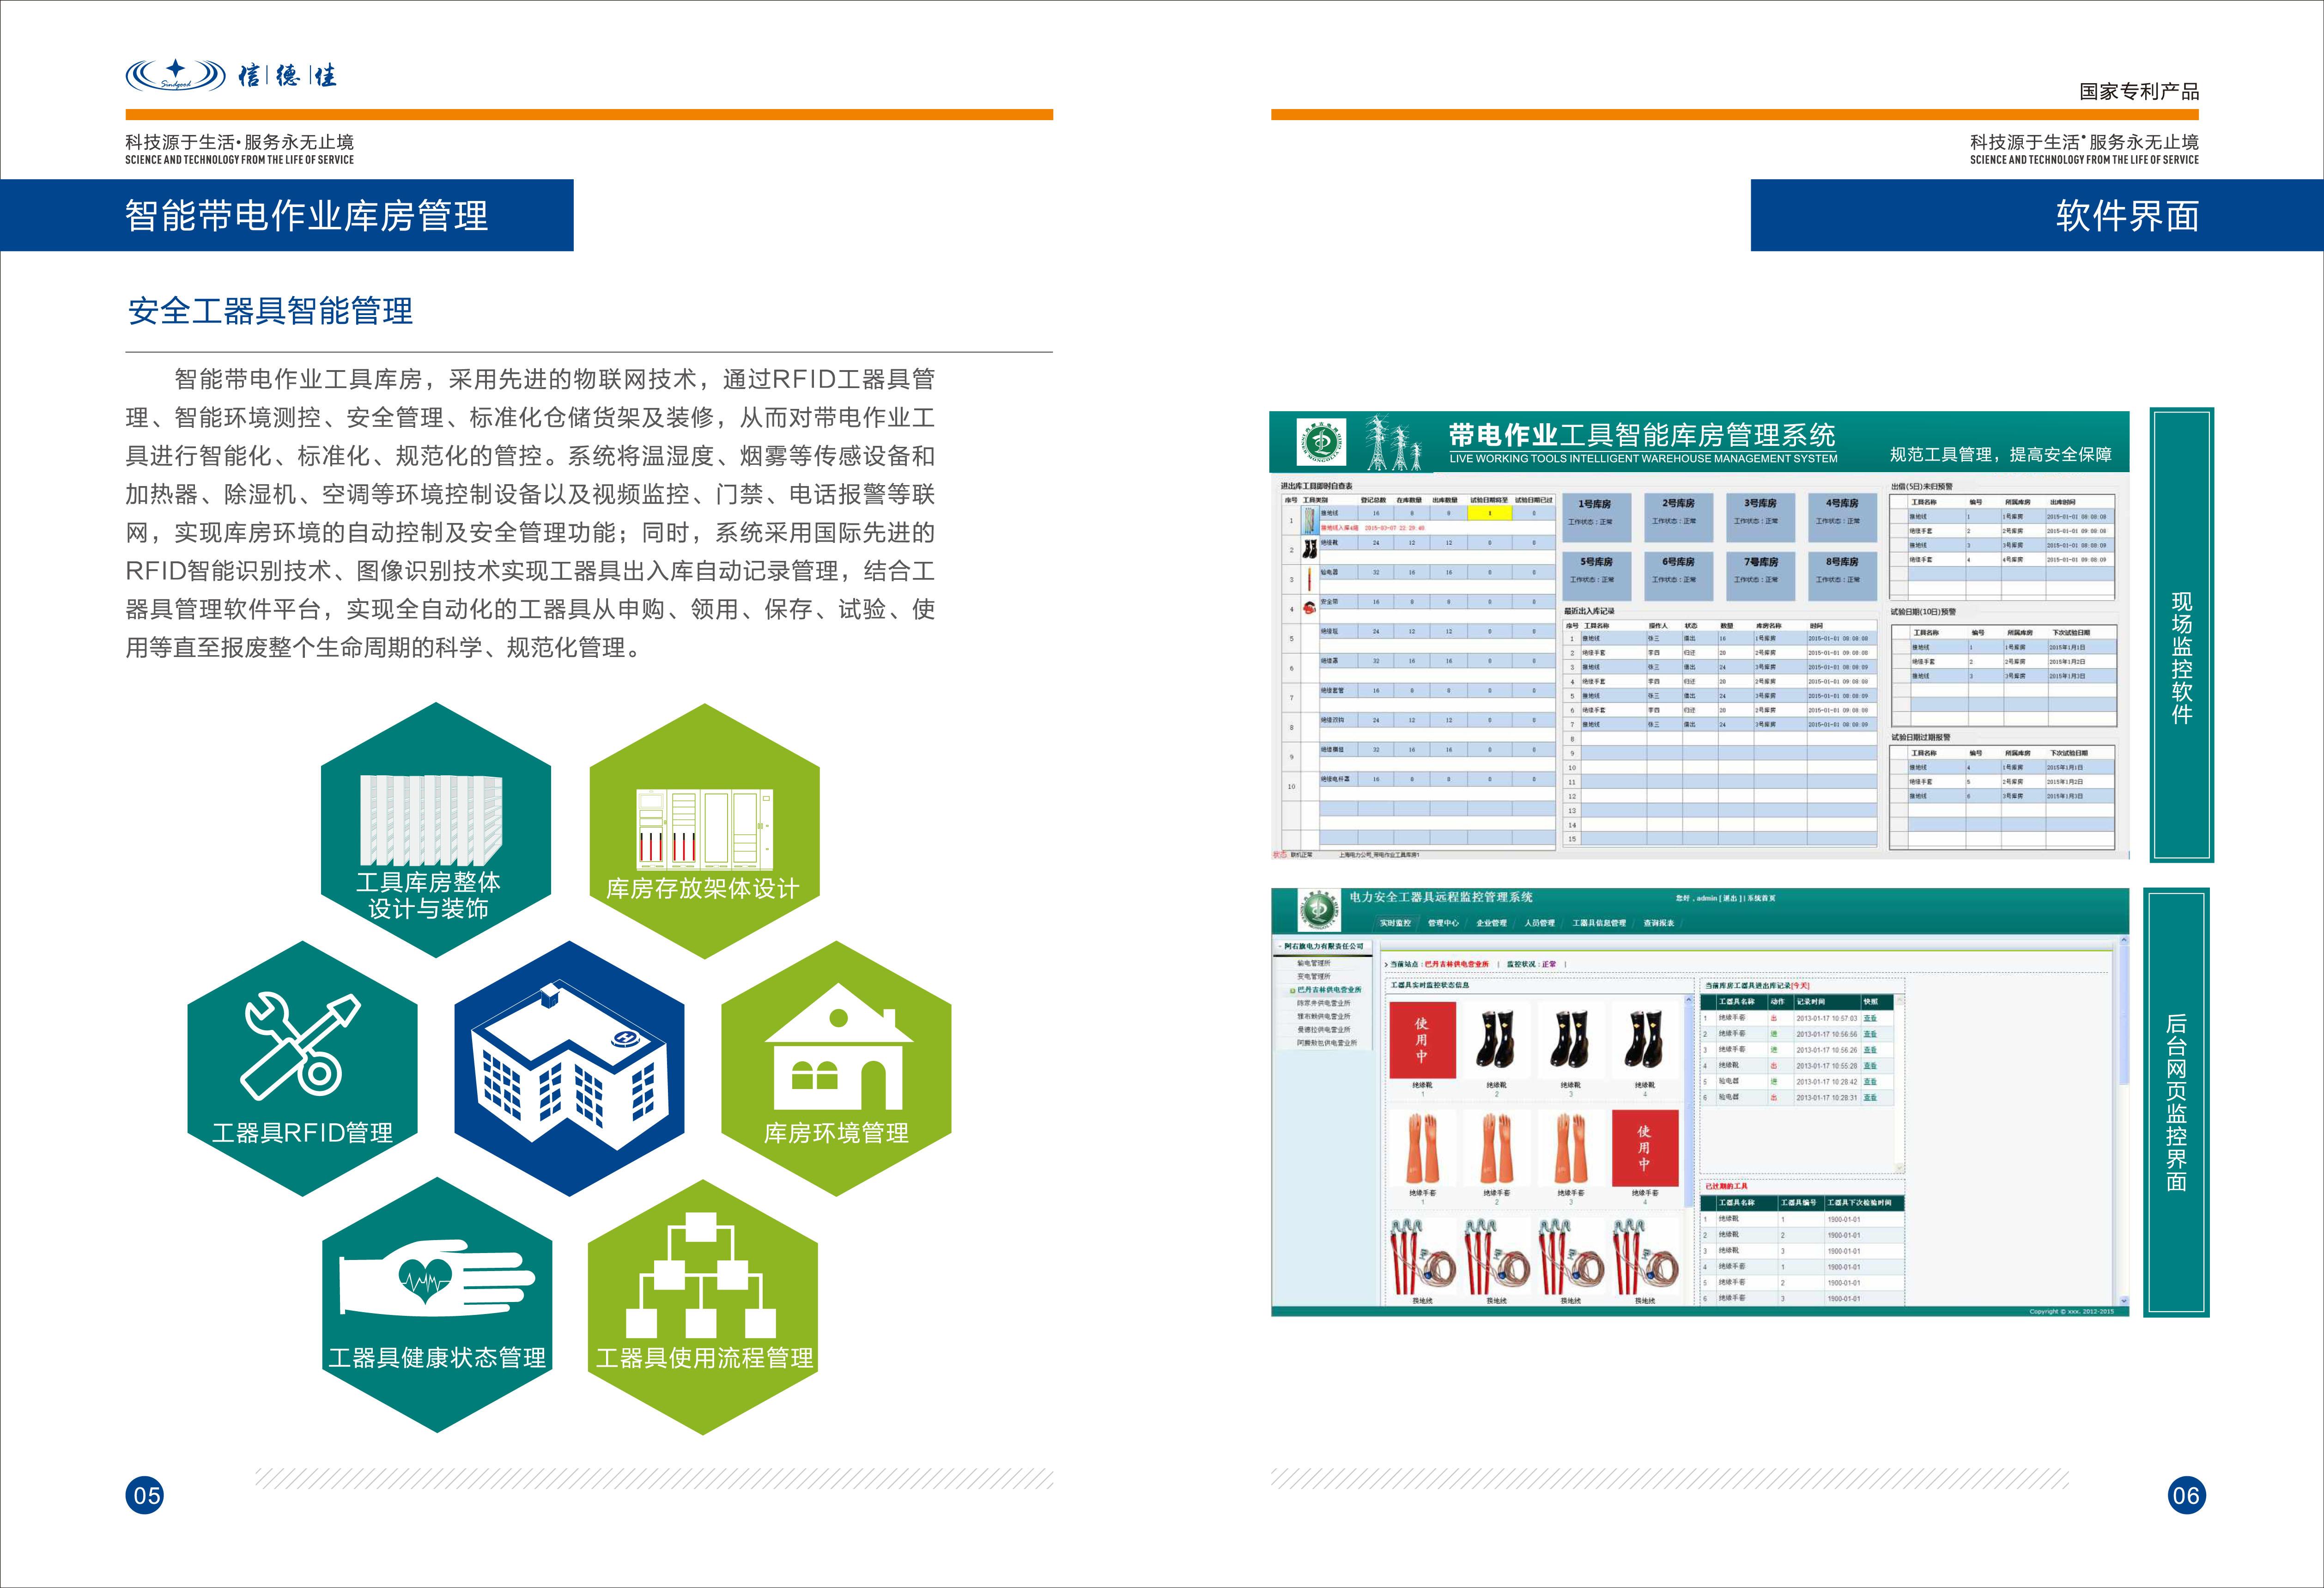 广告册-智能带电作业库房管理-4.jpg